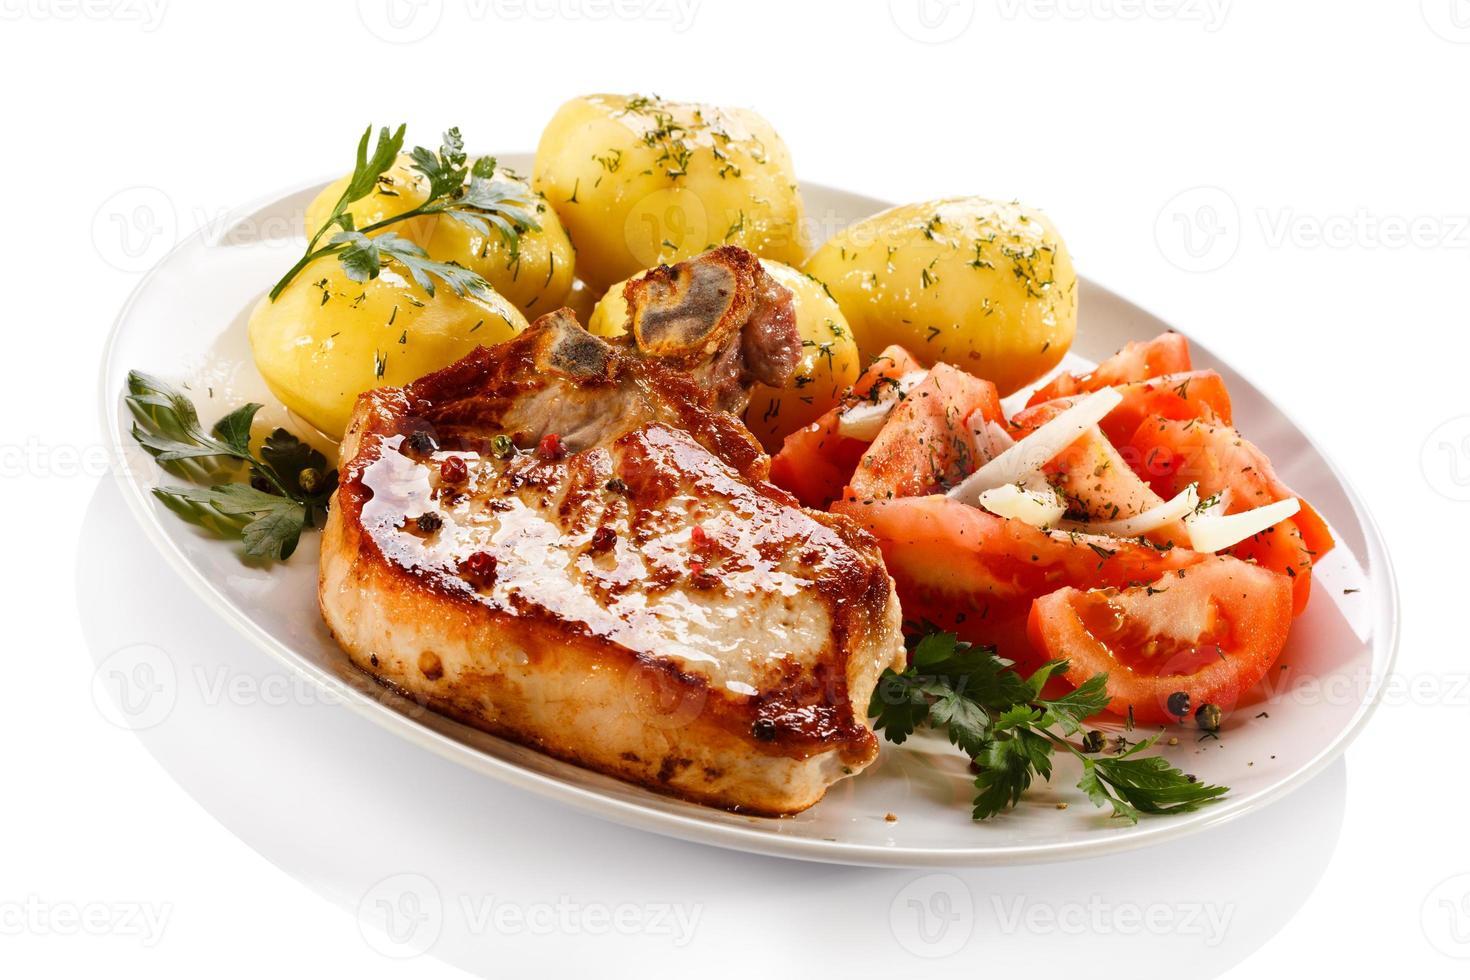 fläskkotlett, kokta potatis och grönsaker på vit bakgrund foto